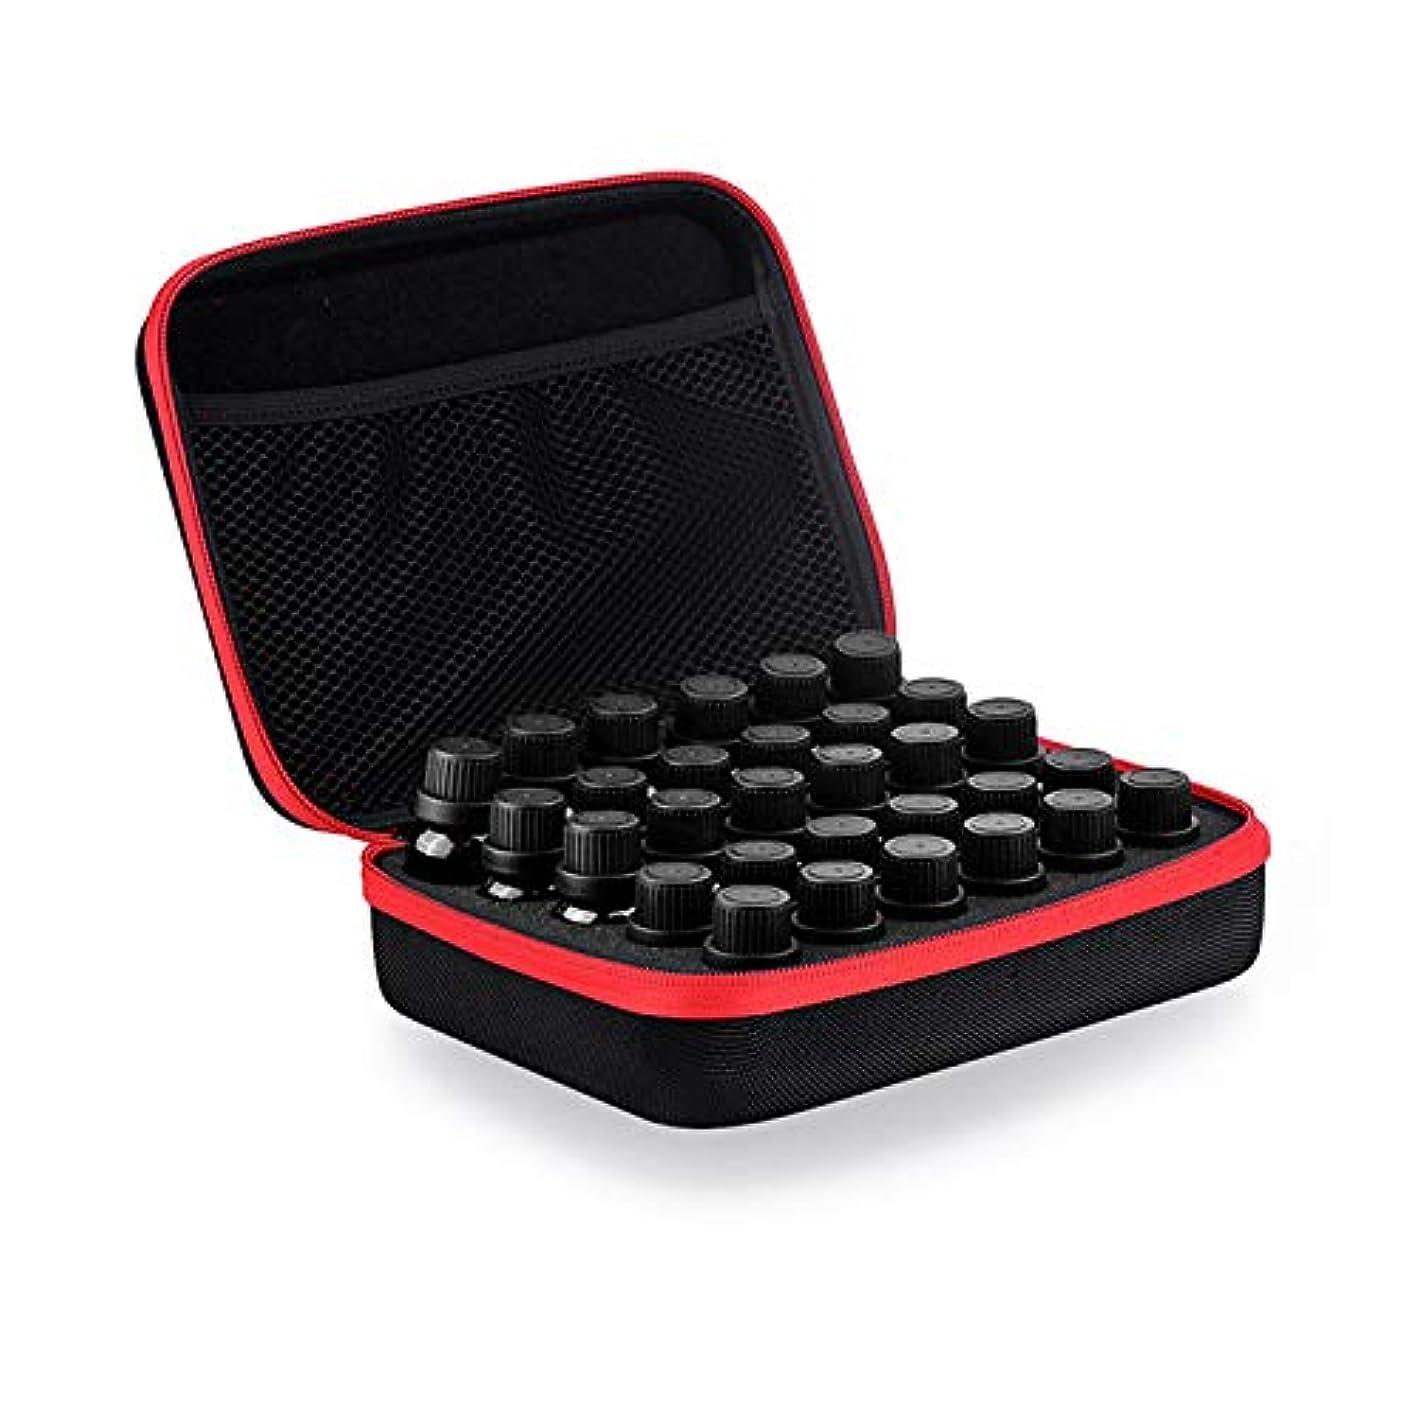 キャスト未払い悲観的Coteco 精油 ケース 化粧品袋30スロットボトルエッセンシャルオイルケース用保護5/10/15ミリリットルローラーエッセンシャルオイルバッグ 旅行 キャリング 収納オーガナイザー (赤)